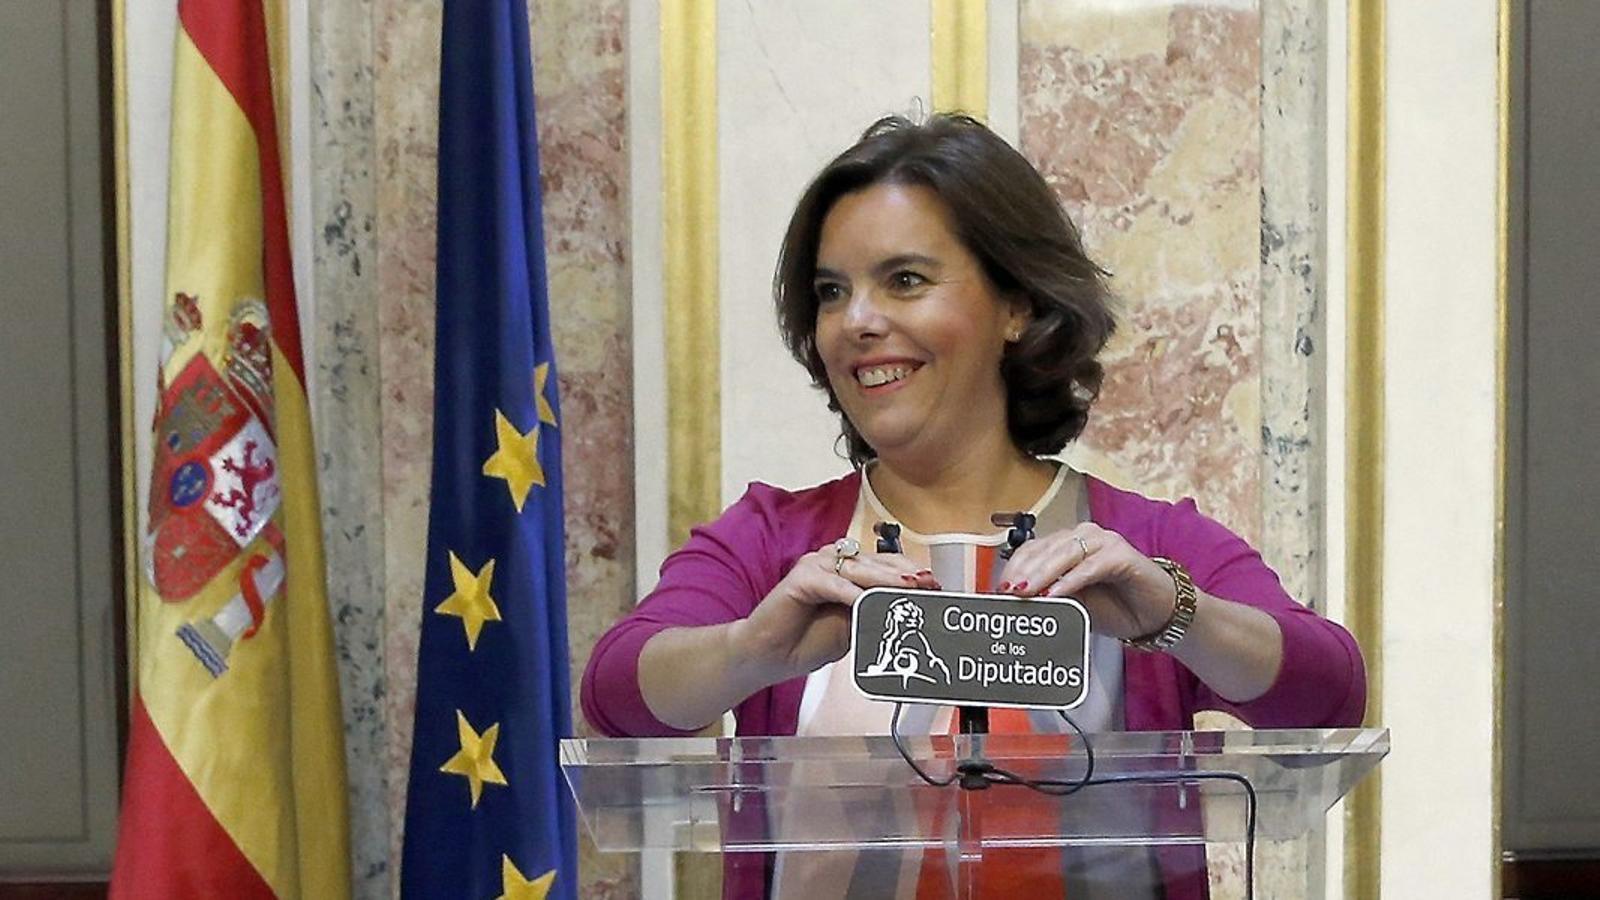 La vicepresidenta del govern espanyol, Soraya Sáenz de Santamaría, va comparèixer ahir al Congrés.